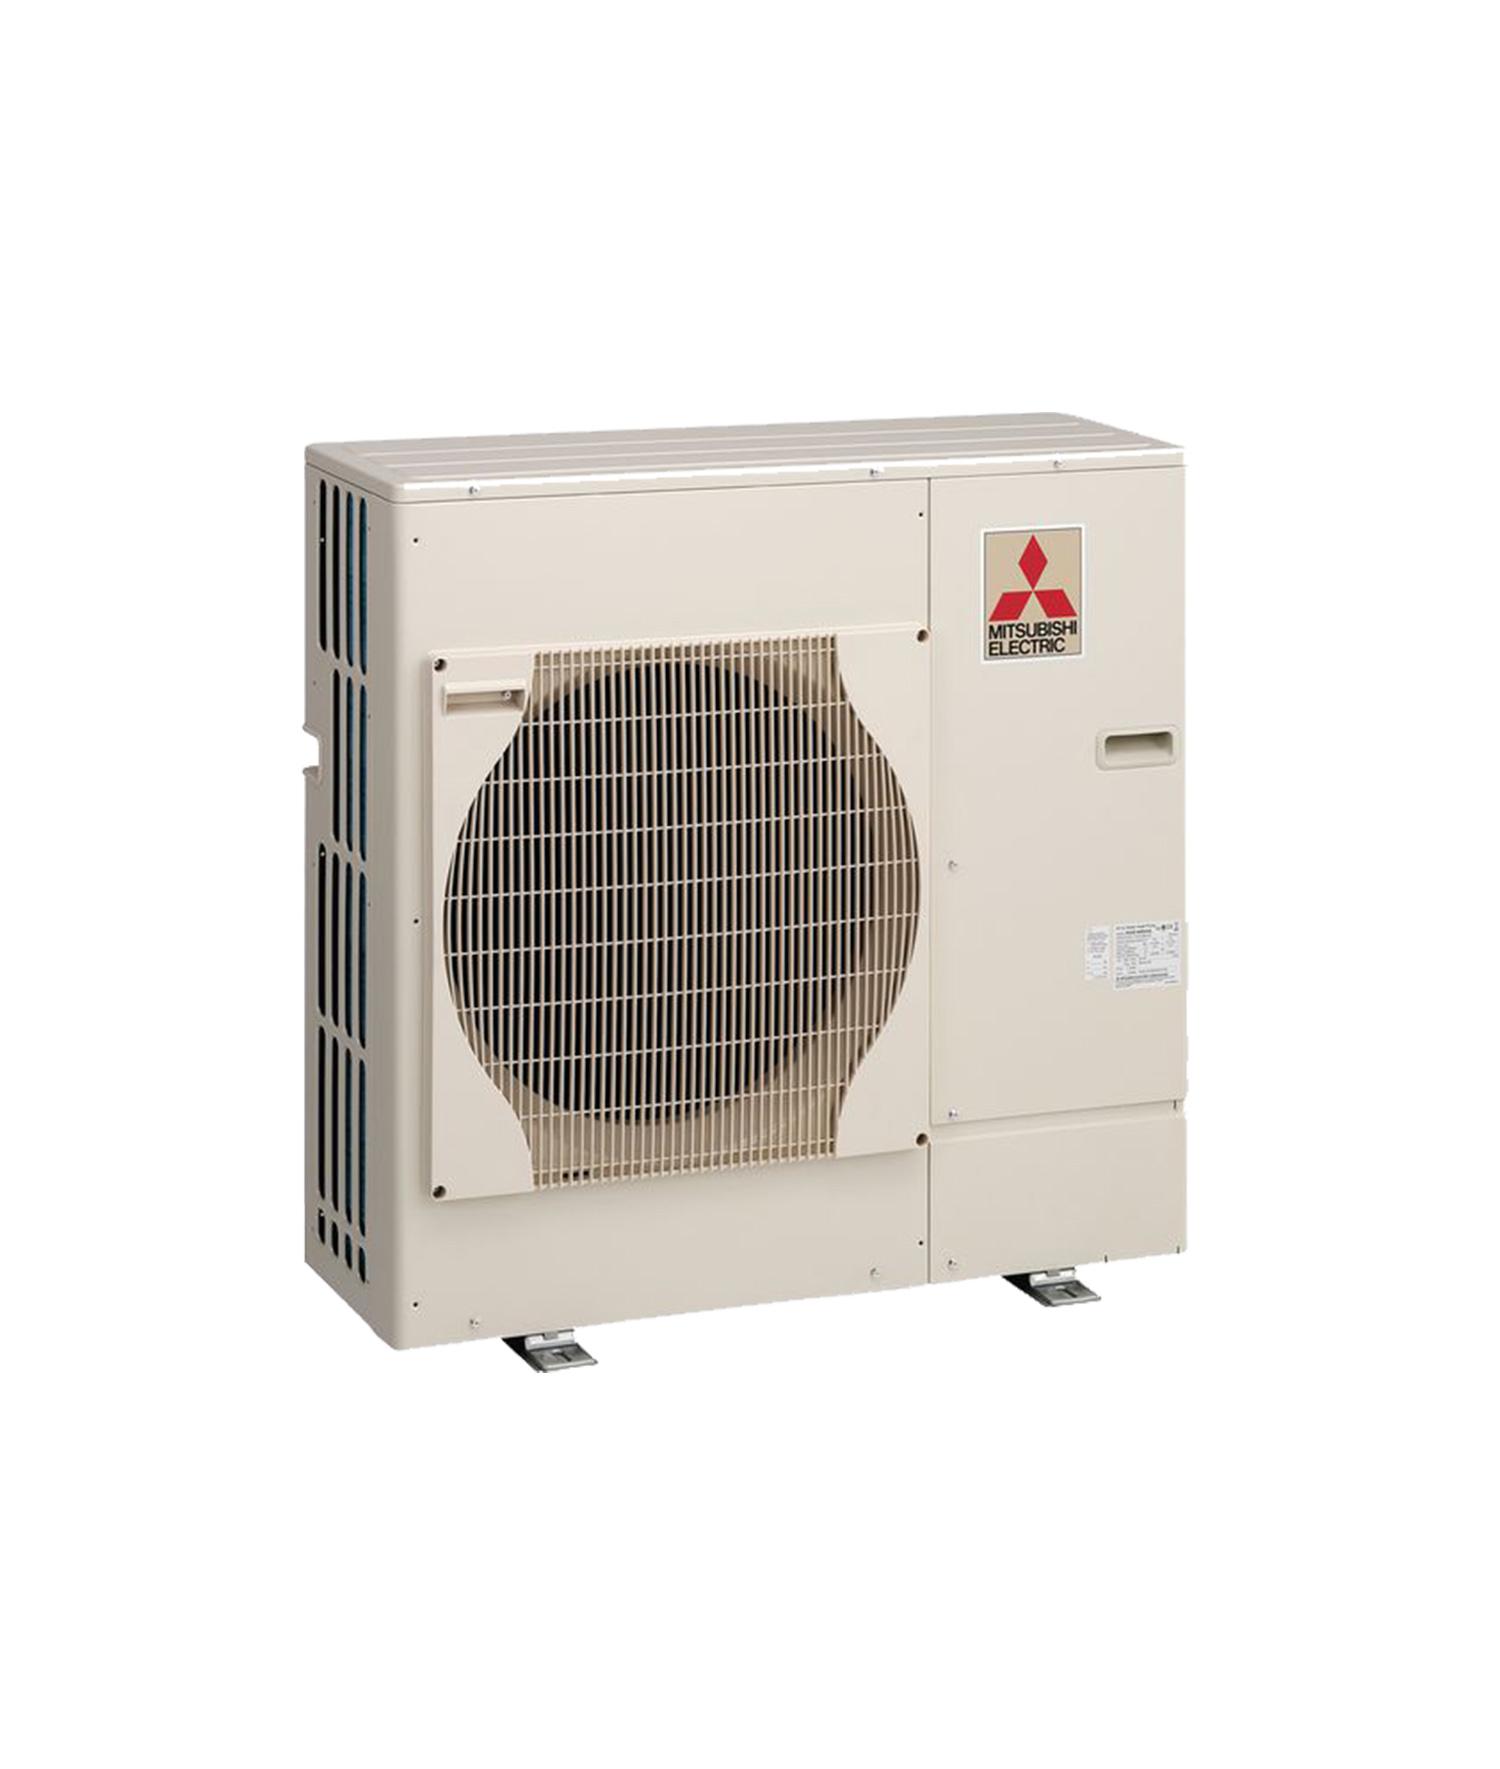 Mitsubishi Ecodan 8.5kW Air Source Heat Pump - 2009